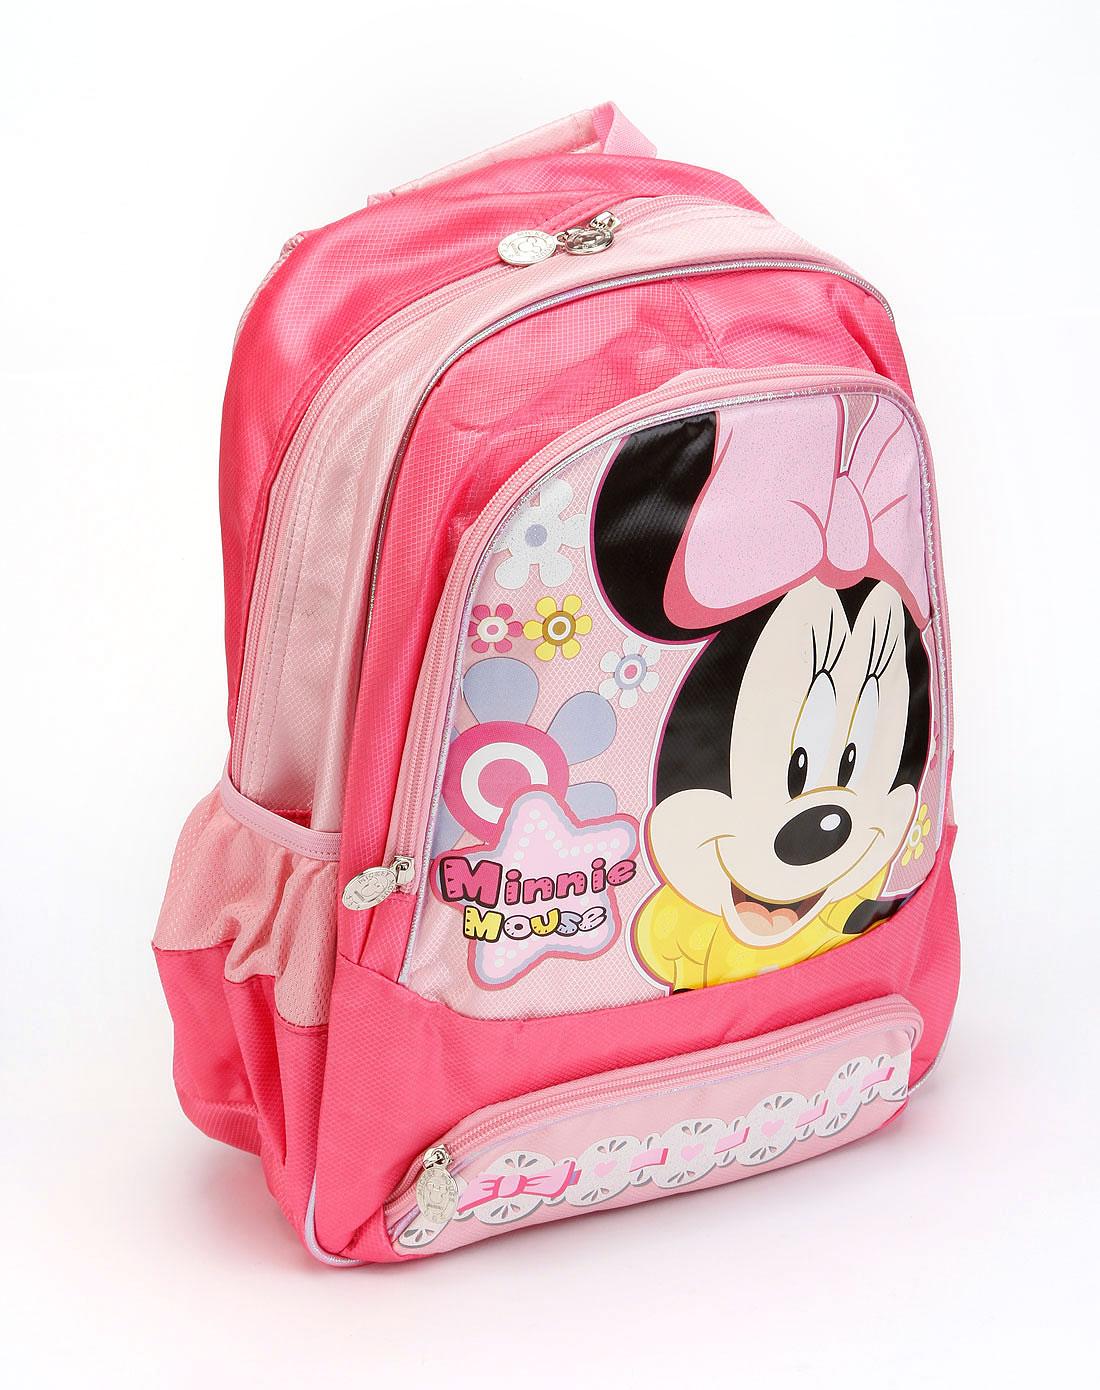 迪士尼文具专场-女童粉色儿童书包-软式(粉)